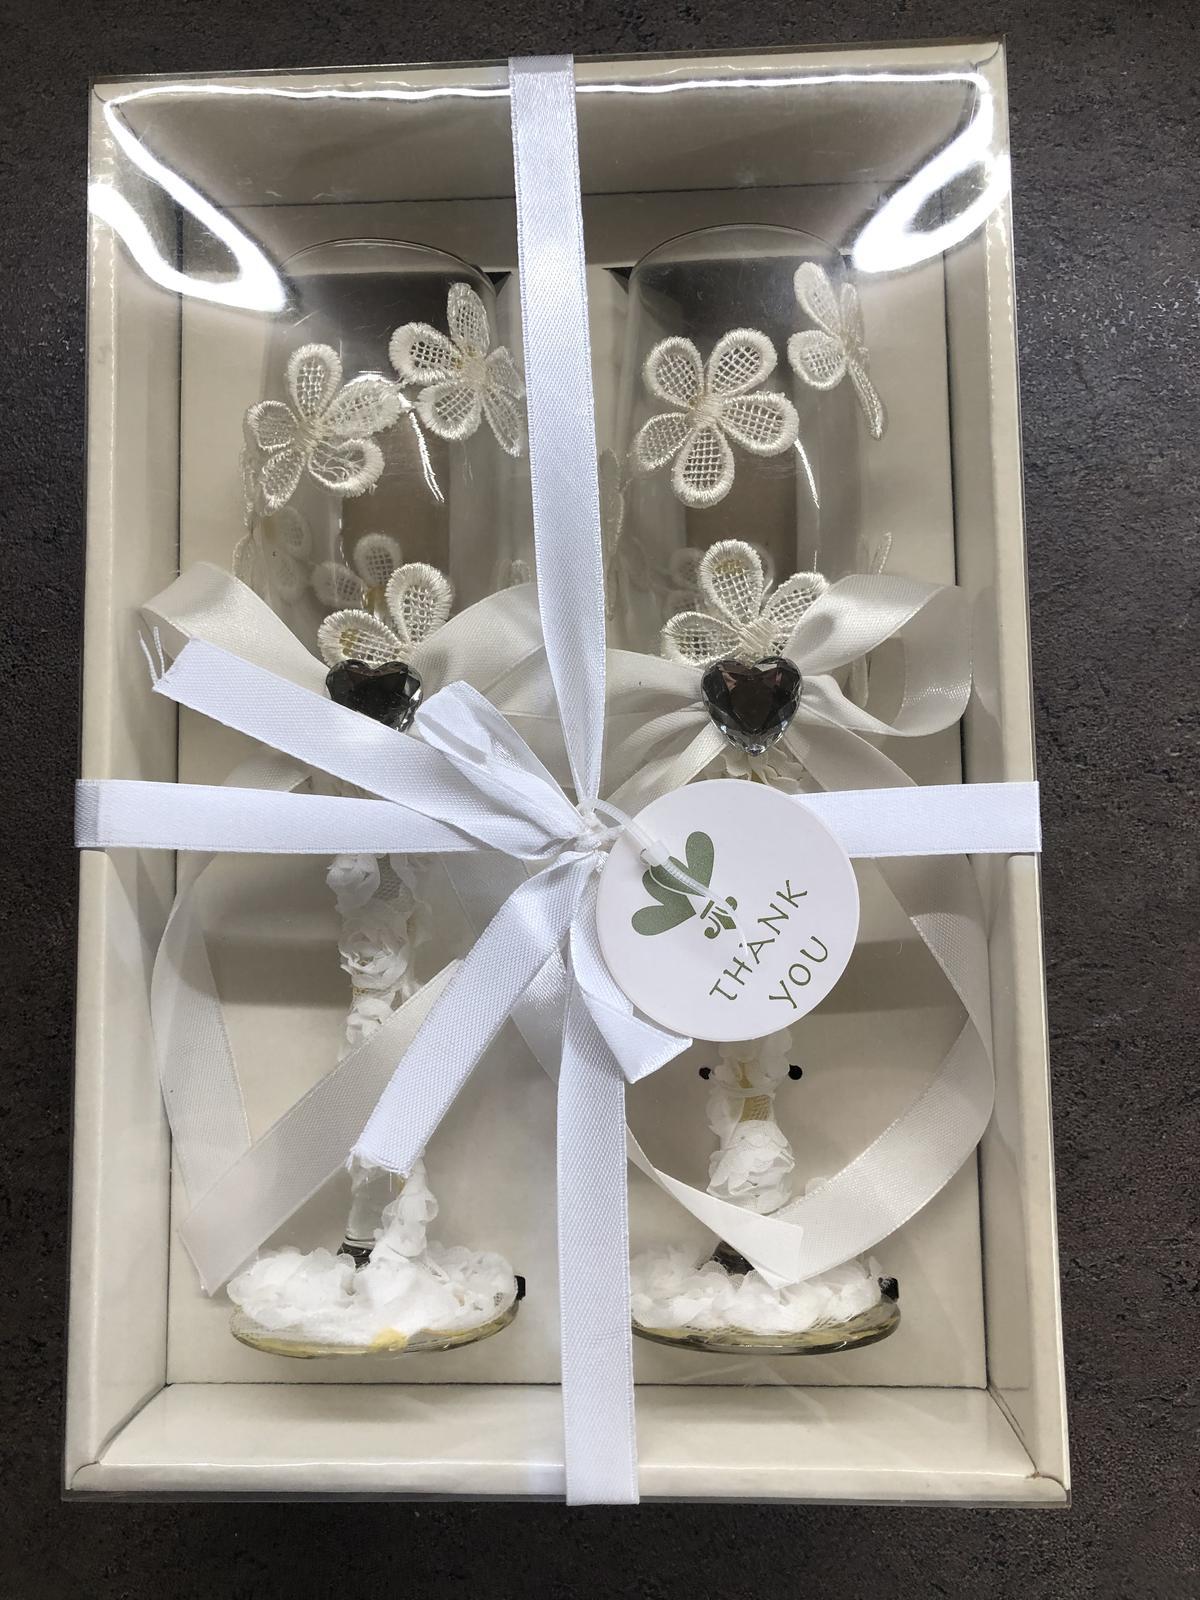 skleničky pro nevěstu a ženicha - nové - Obrázek č. 1